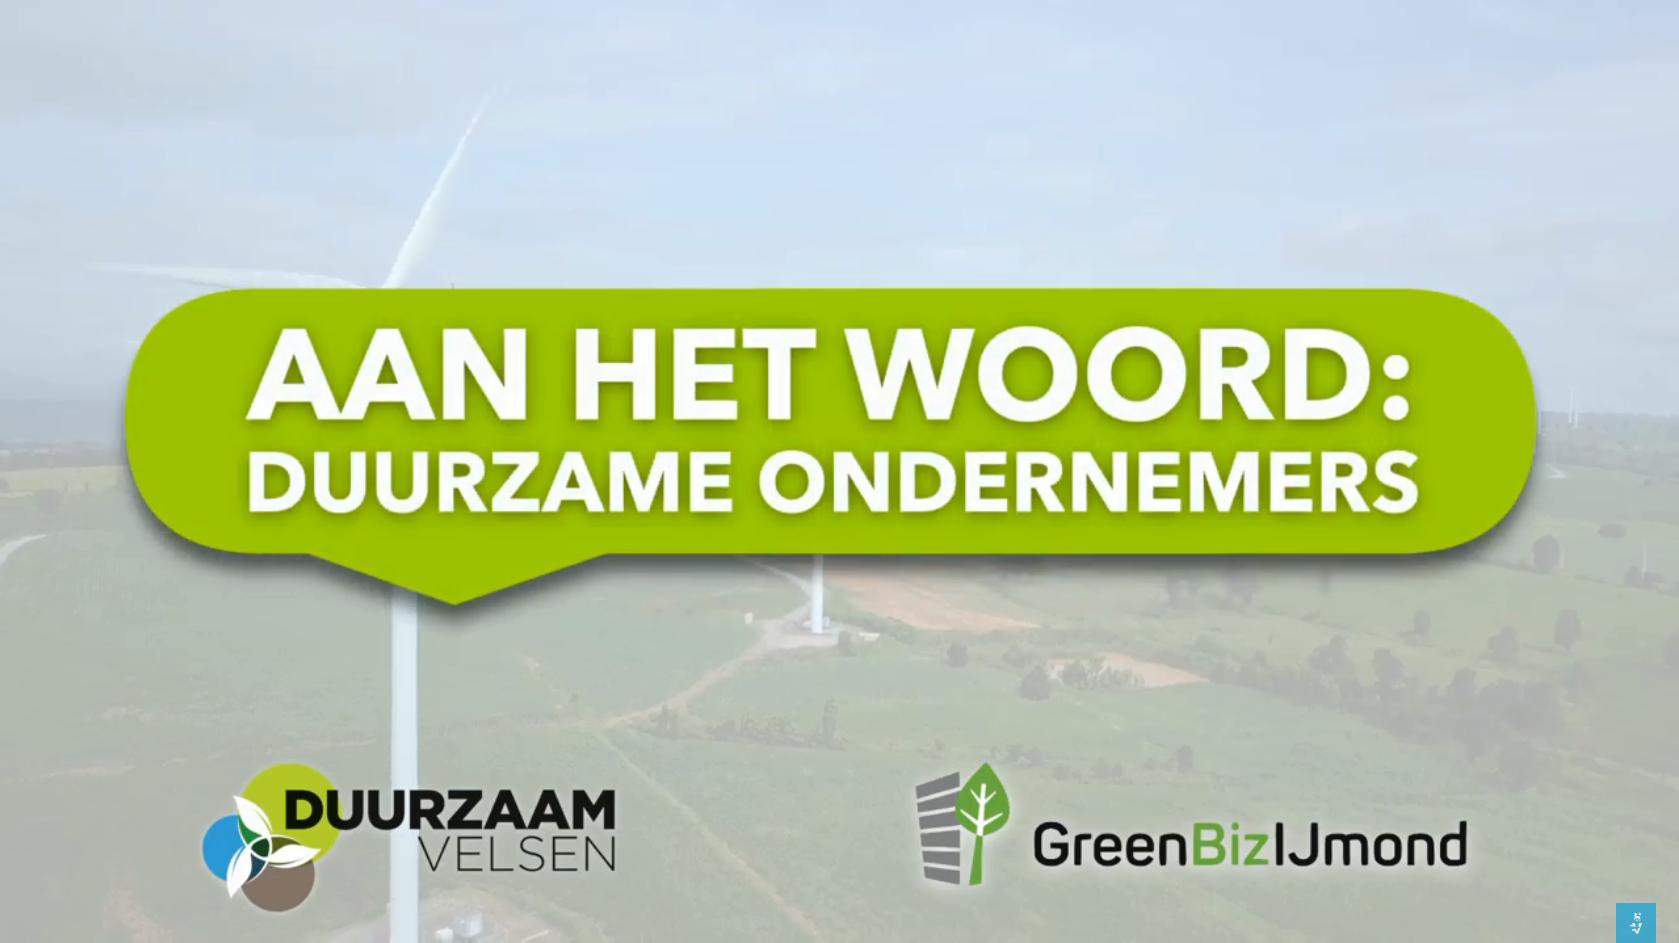 Duurzaam ondernemen met GreenBiz IJmond